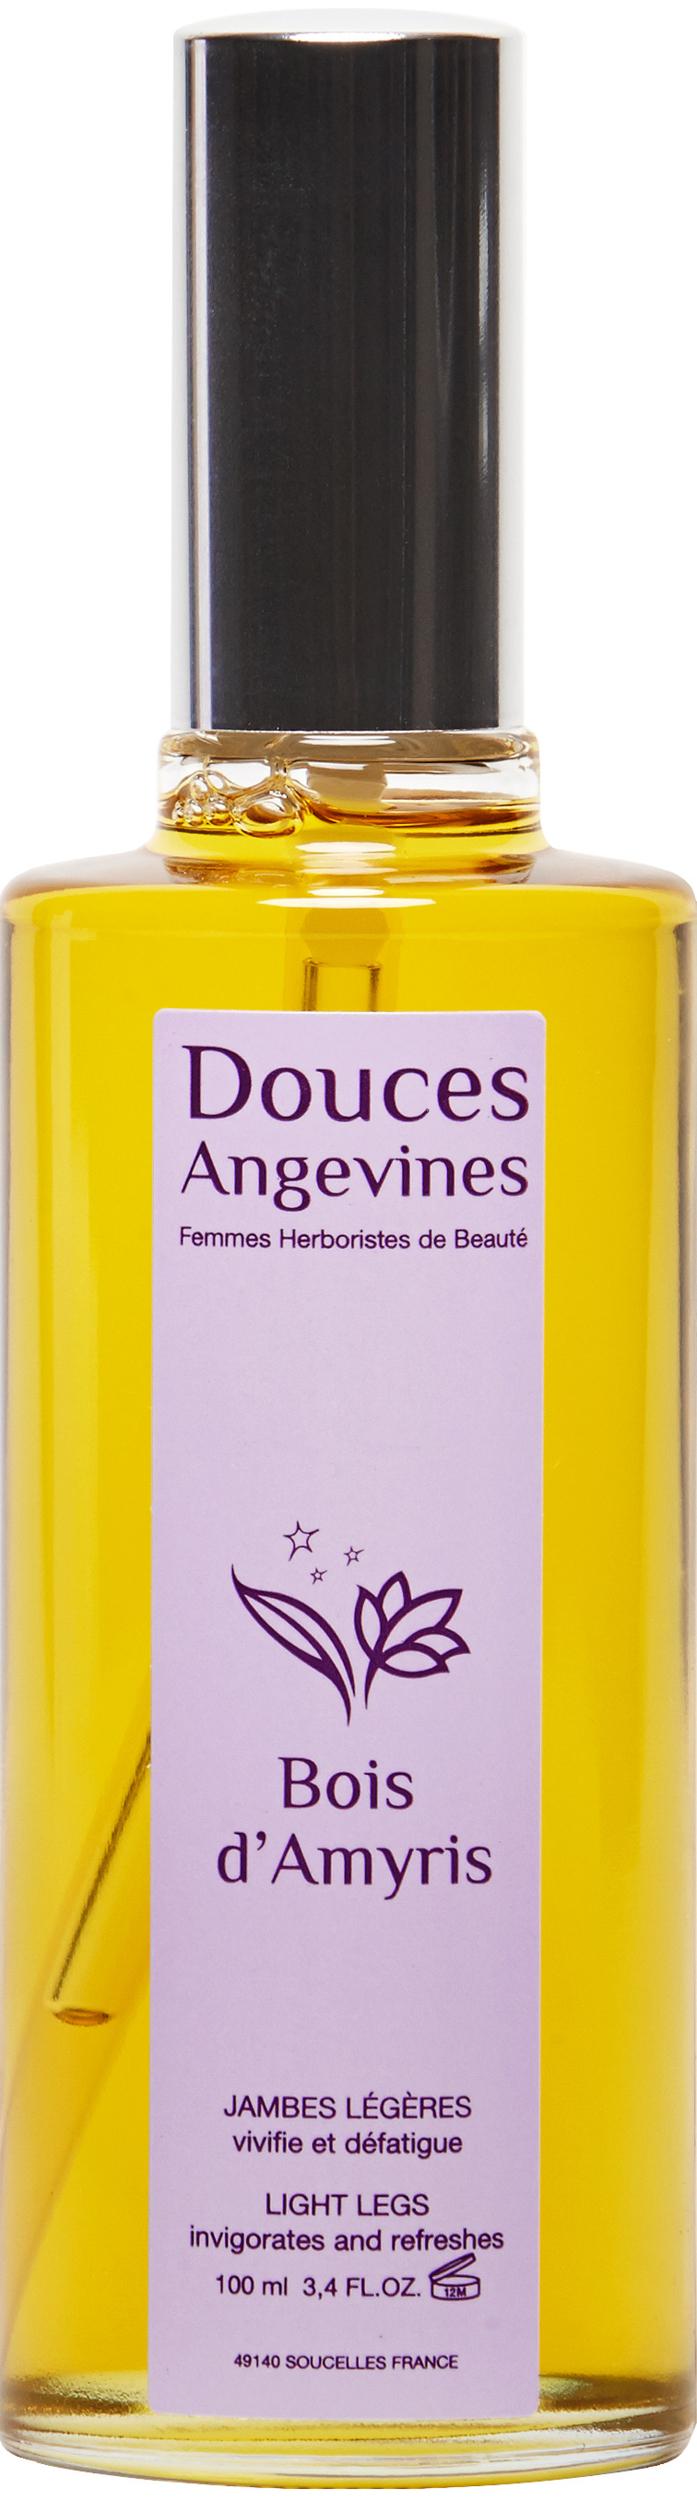 Doux Good - Douces Angevines - Bois d'Amyris